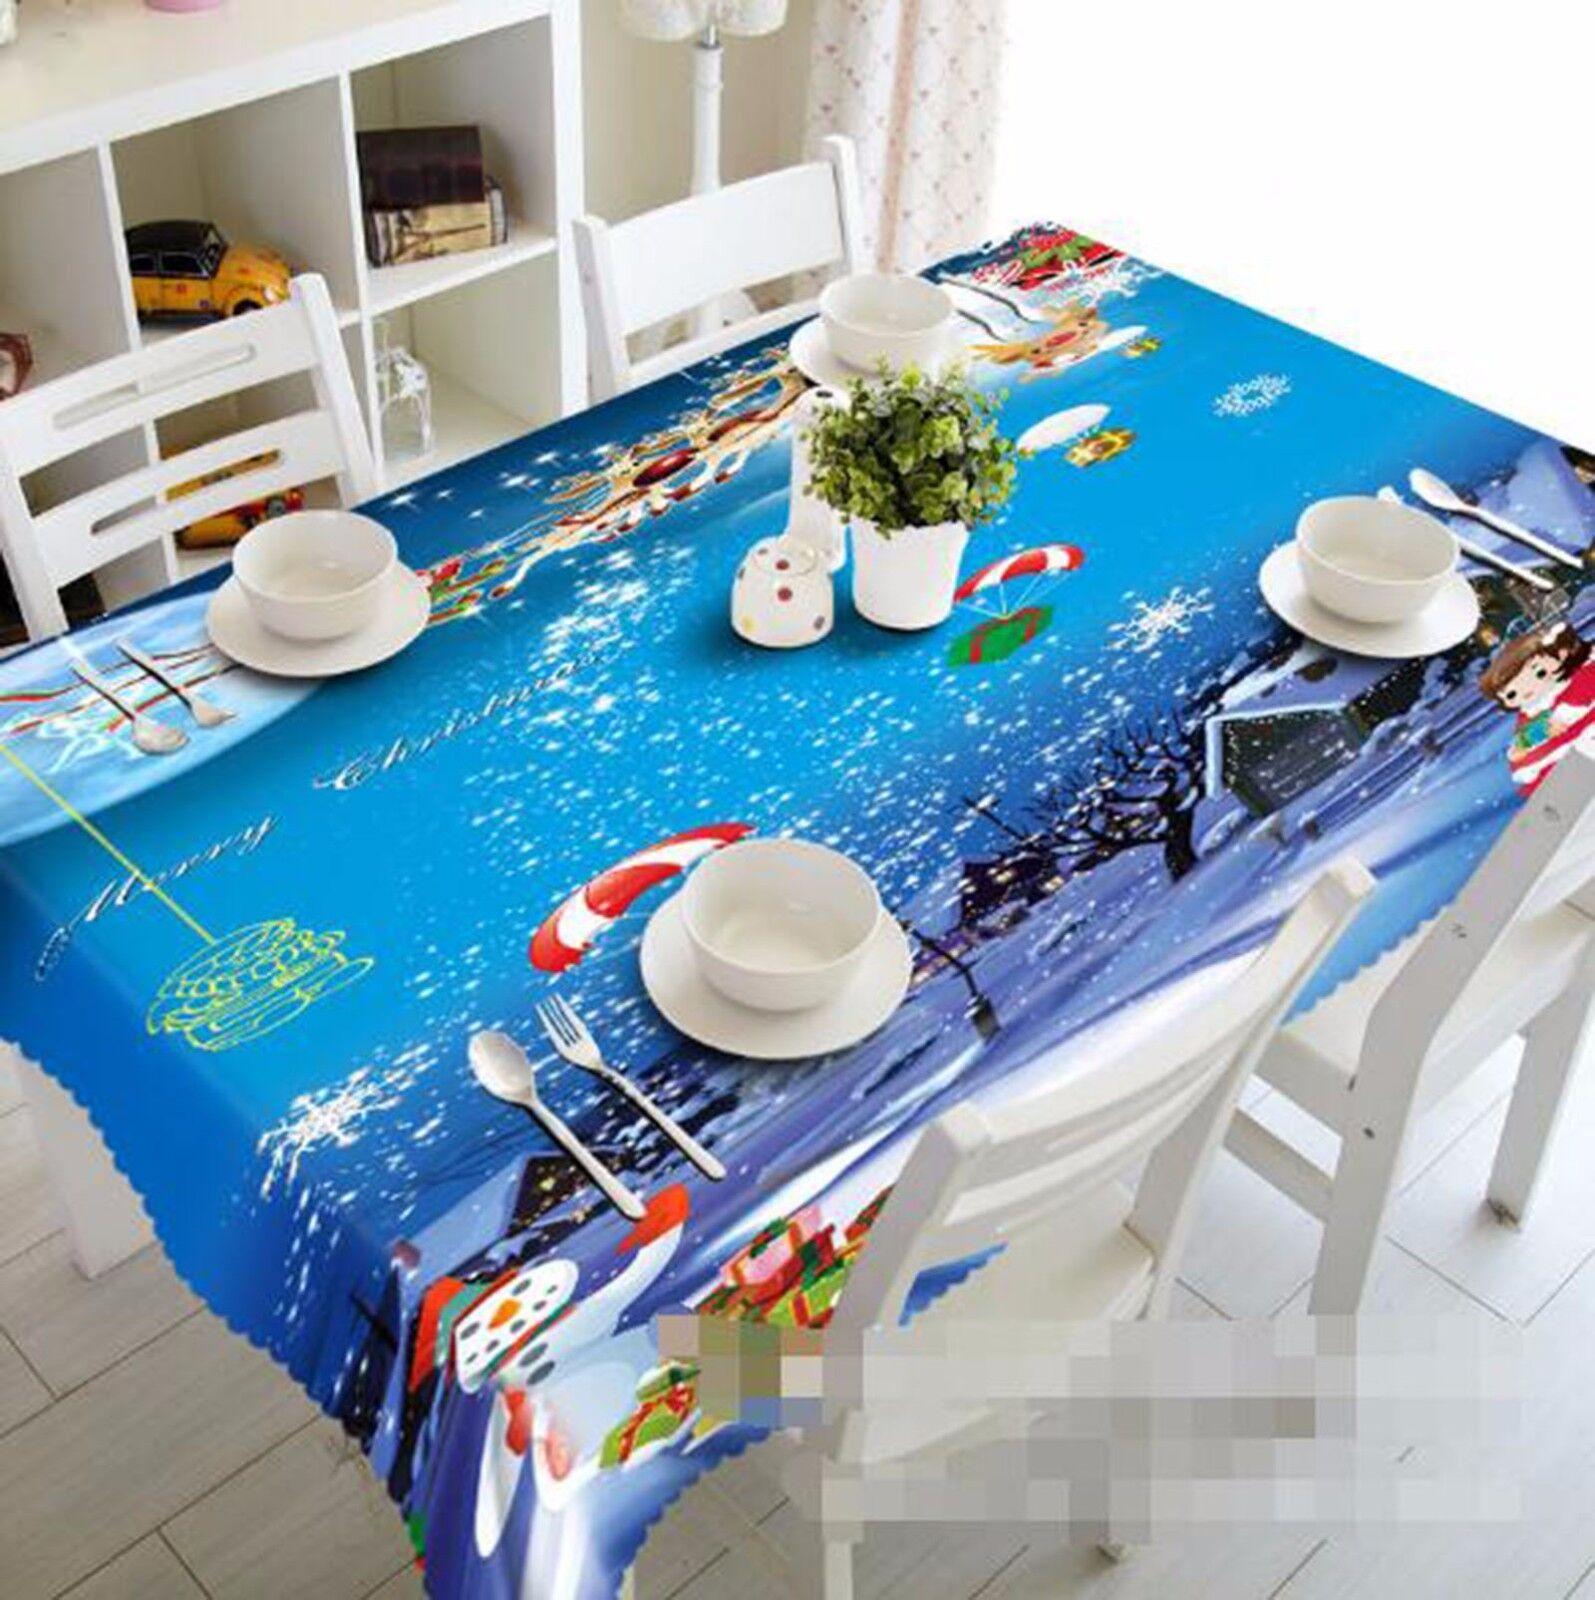 3D Neige 49 Nappe Table Cover Cloth fête d'anniversaire AJ papier peint Royaume-Uni Citron